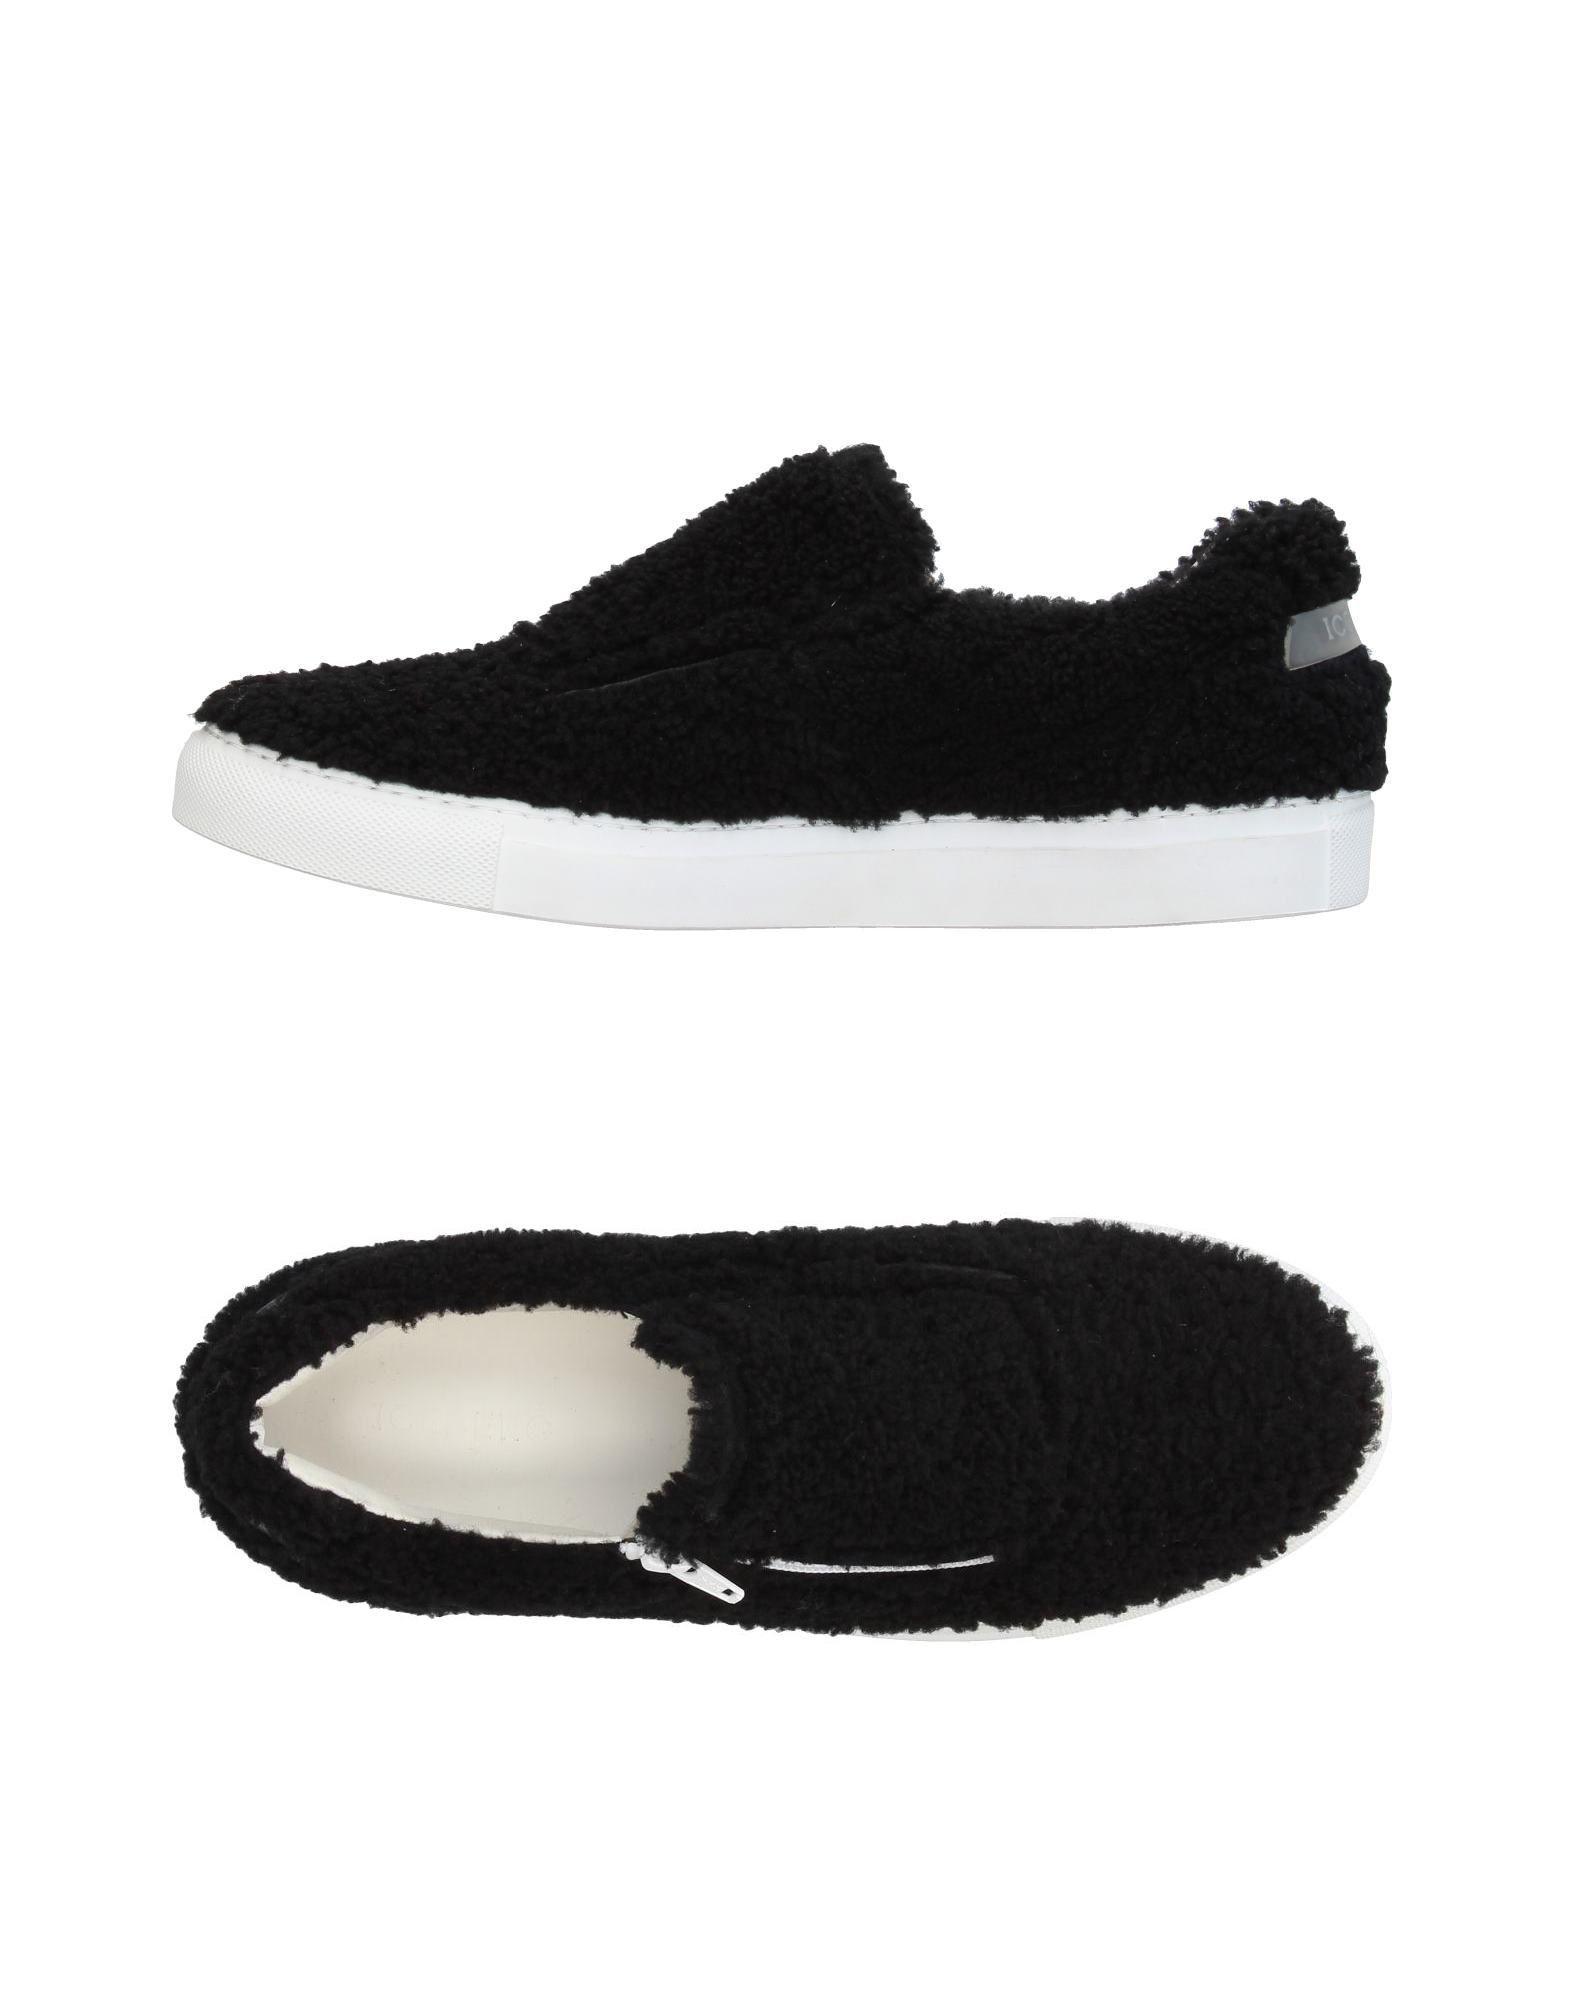 Scarpe economiche e resistenti Sneakers Iceberg Uomo - 11406187EB